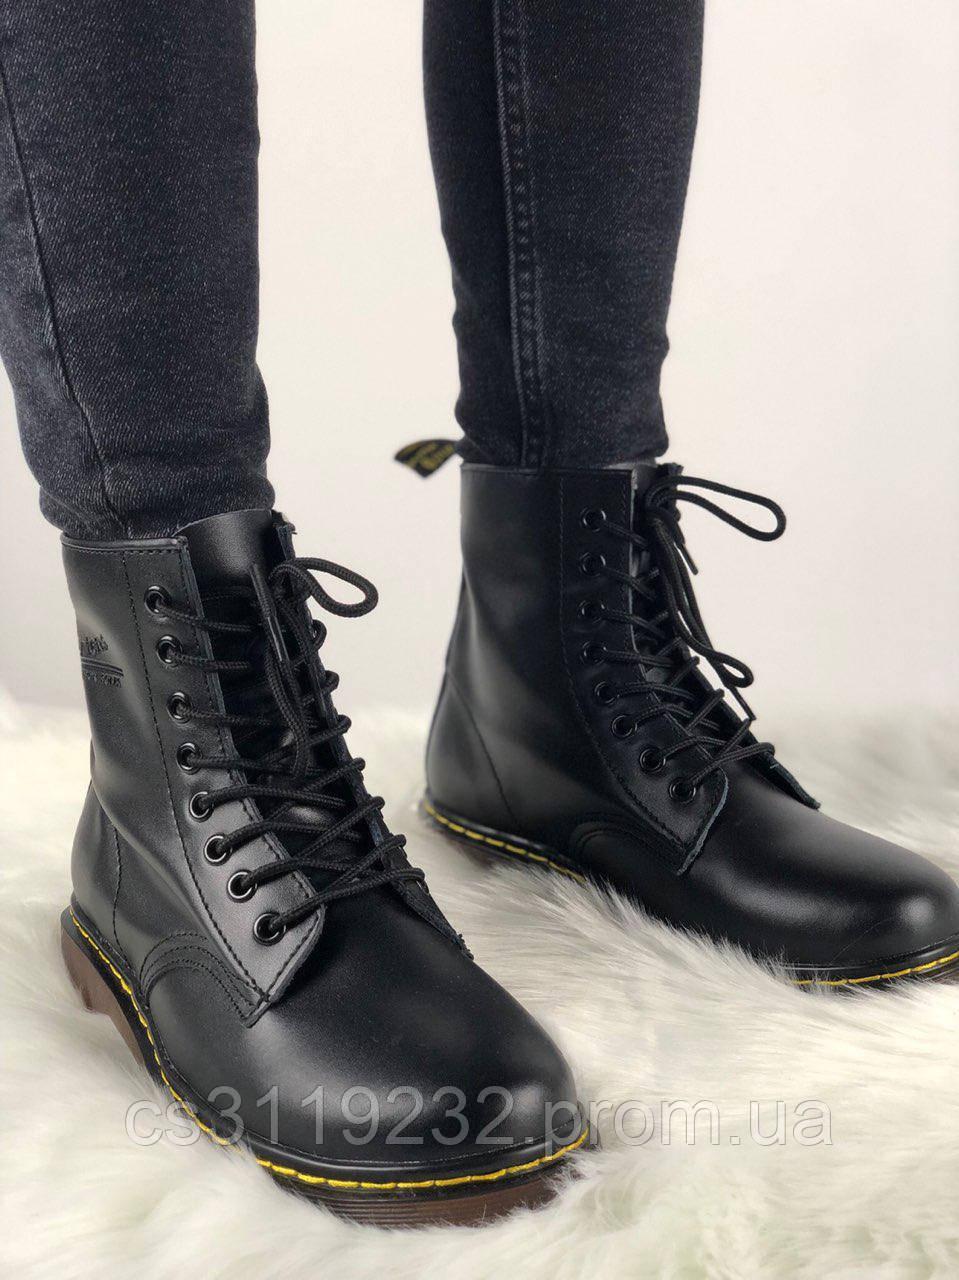 Мужские ботинки Dr Martens 1460 демисезонные (черный)